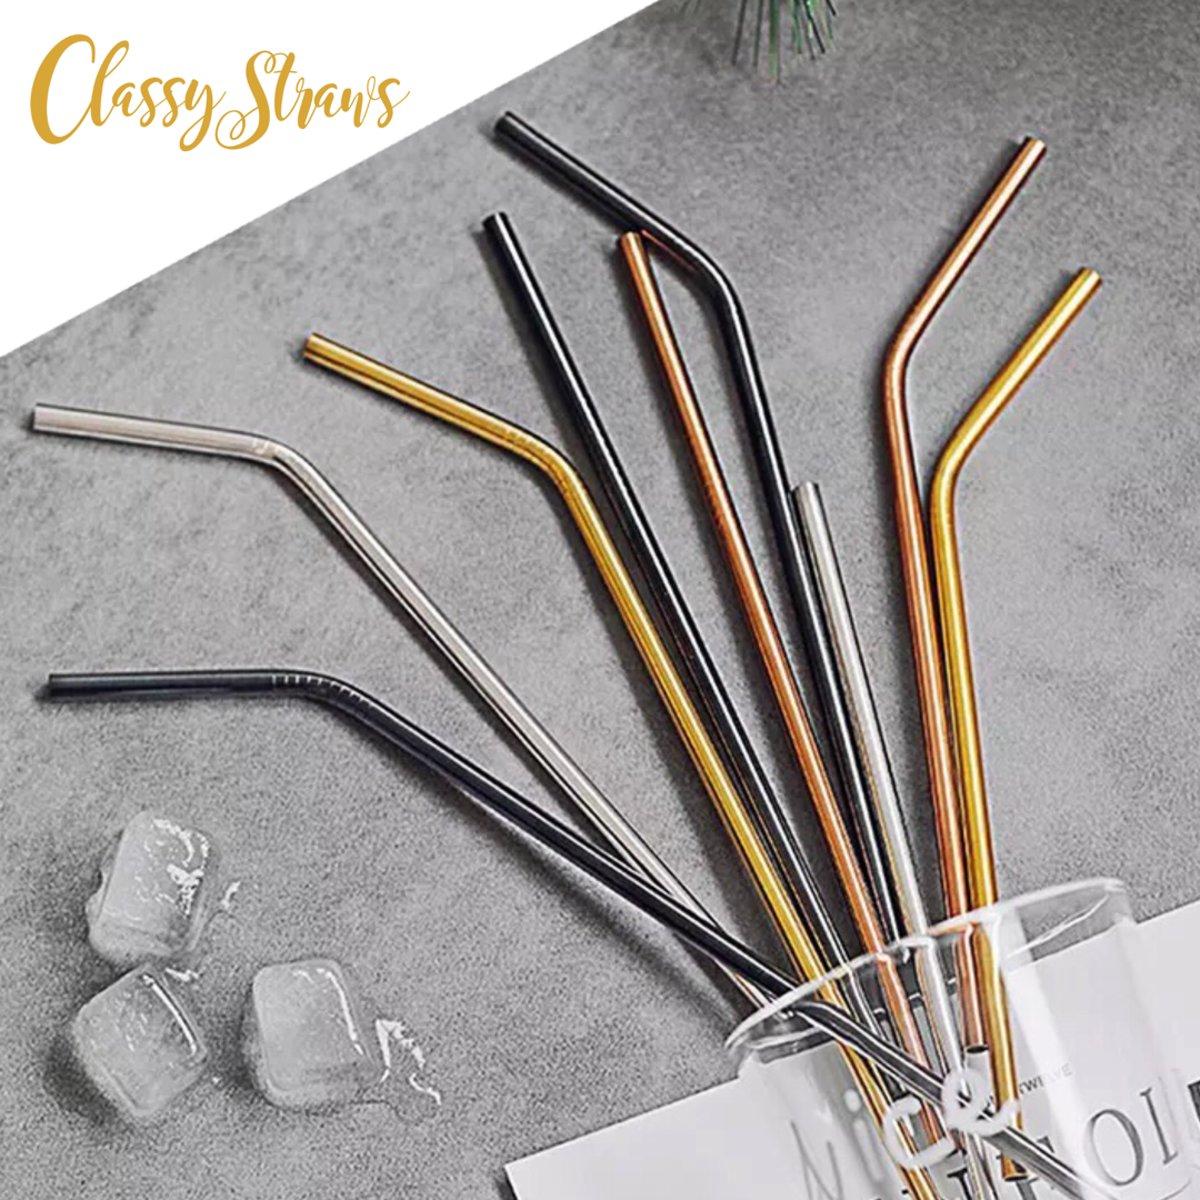 Classy Straws - Herbruikbare rietjes - 8 Rechte Roestvrijstalen Rietjes en 2 schoonmaakborstels in diverse kleuren in een beige bewaarzak - Milieuvriendelijk!